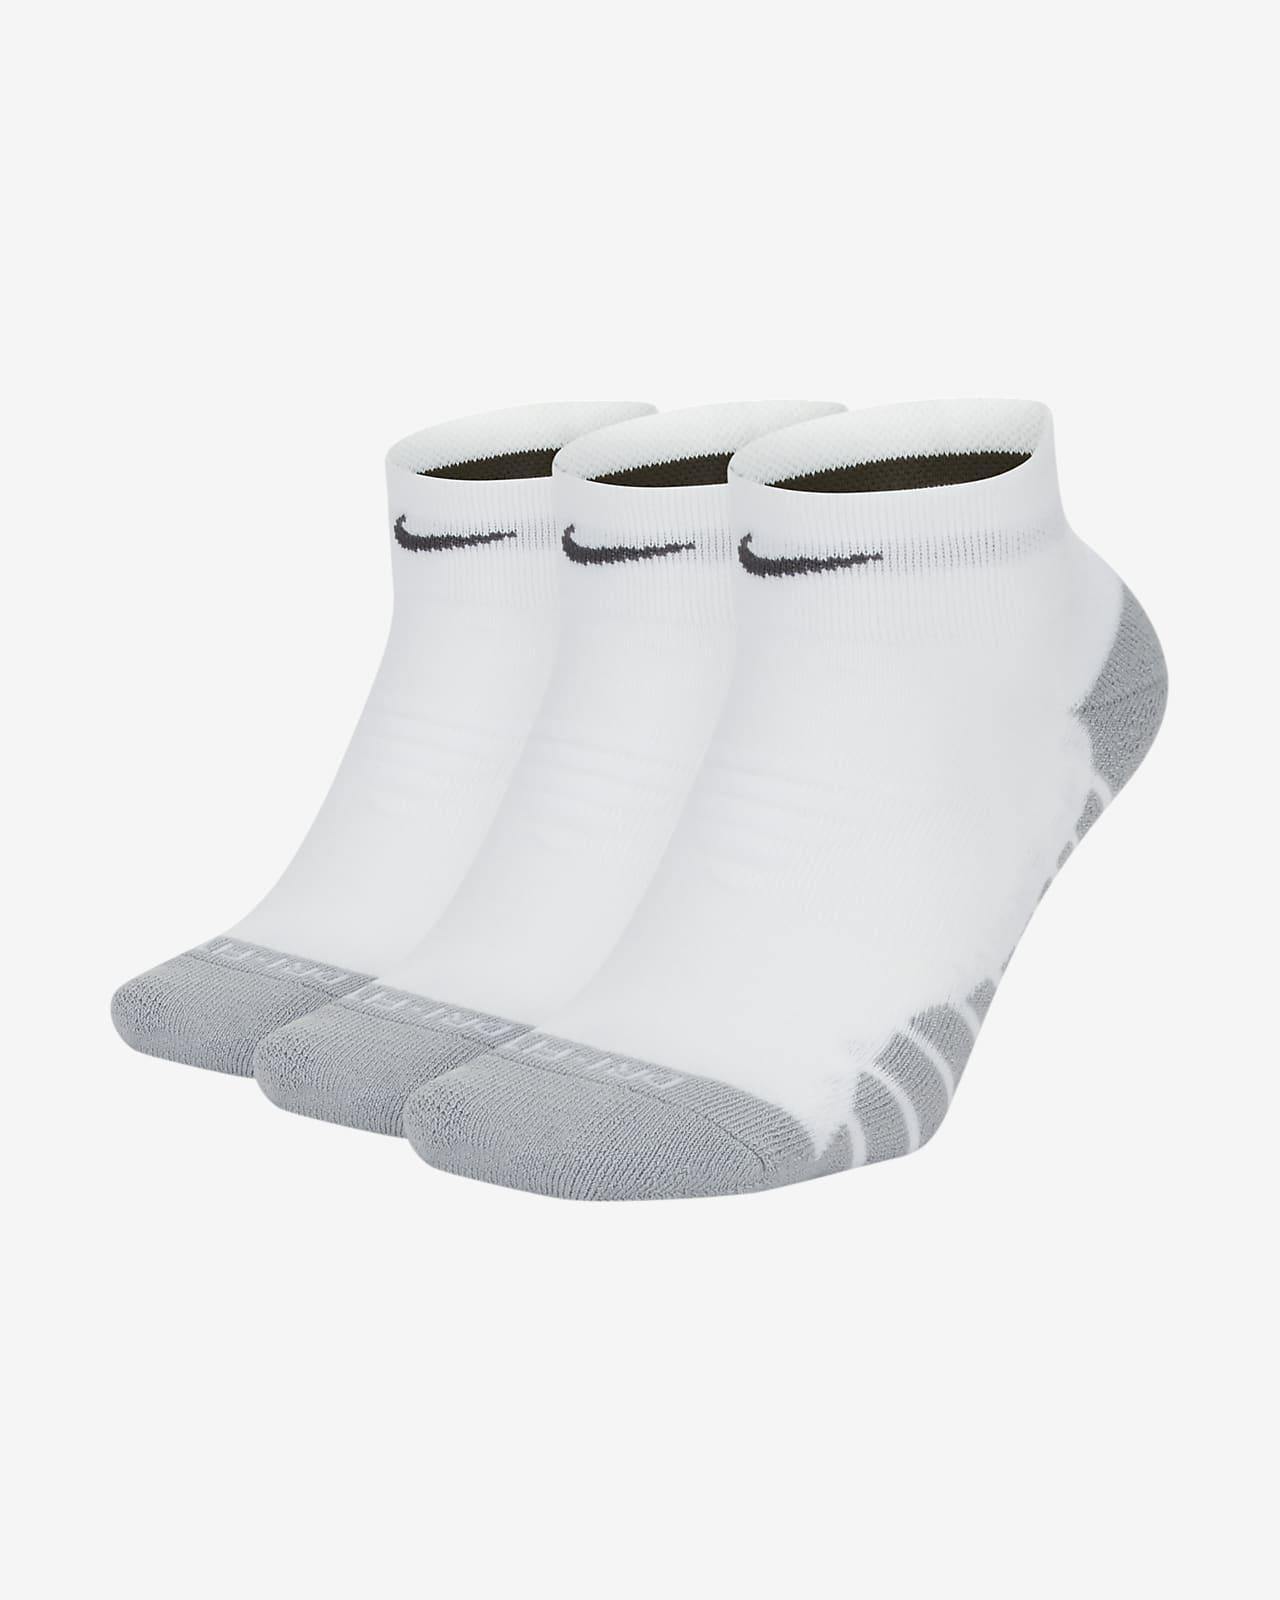 Bermad Misericordioso Acerca de la configuración  Calcetines cortos de entrenamiento para mujer Nike Everyday Max Cushion (3  pares). Nike.com